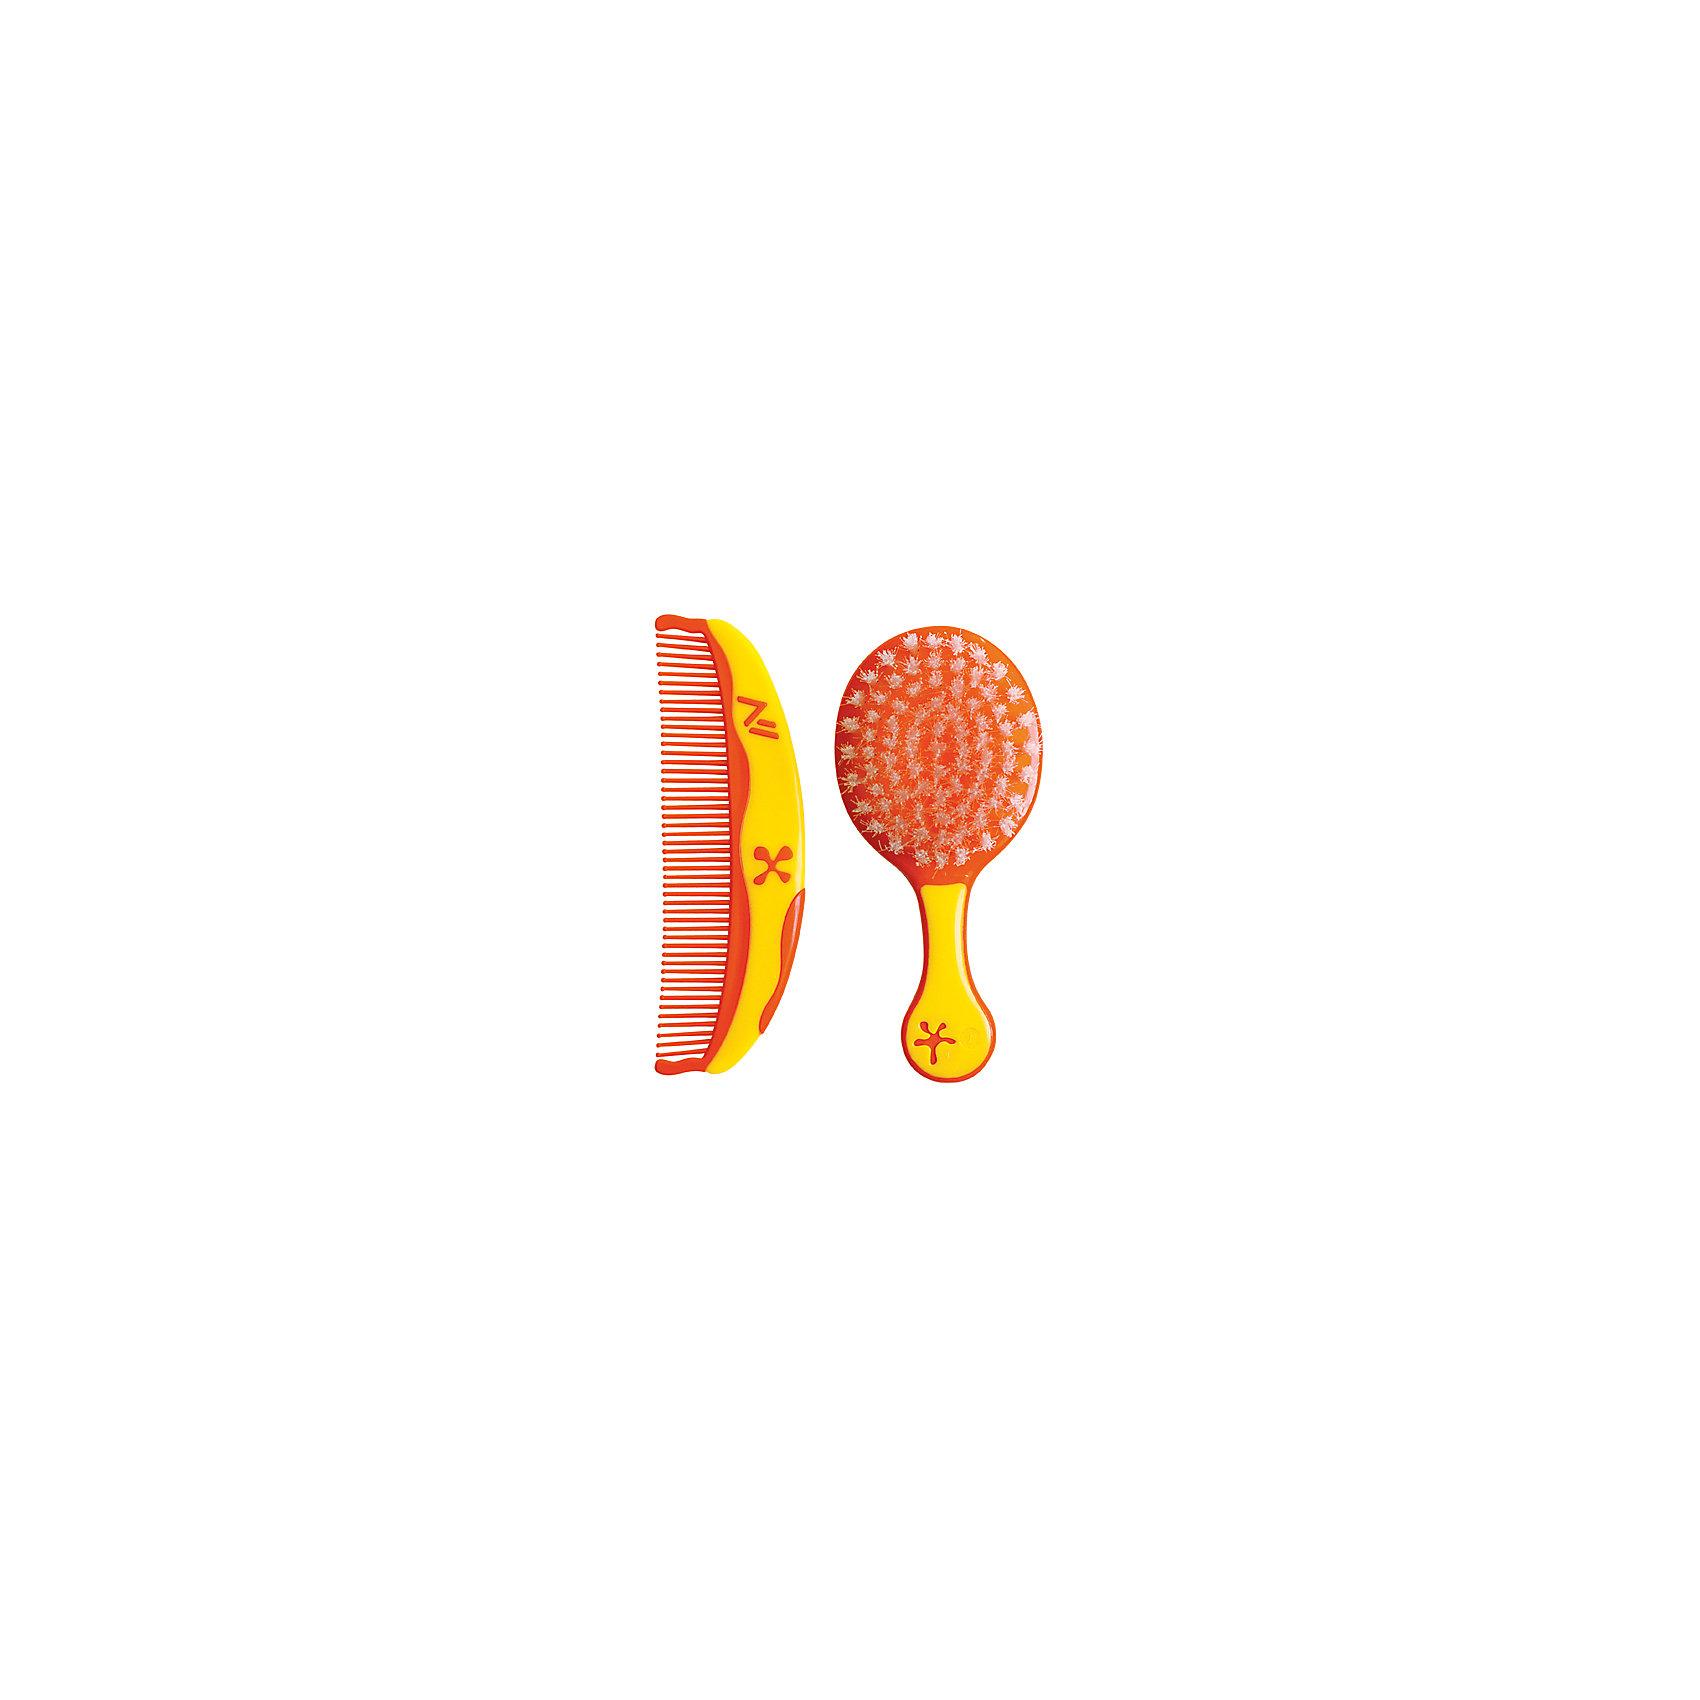 Набор для детей расческа и щетка Звездочки от 0 мес., LUBBY, оранжевый/жёлтый